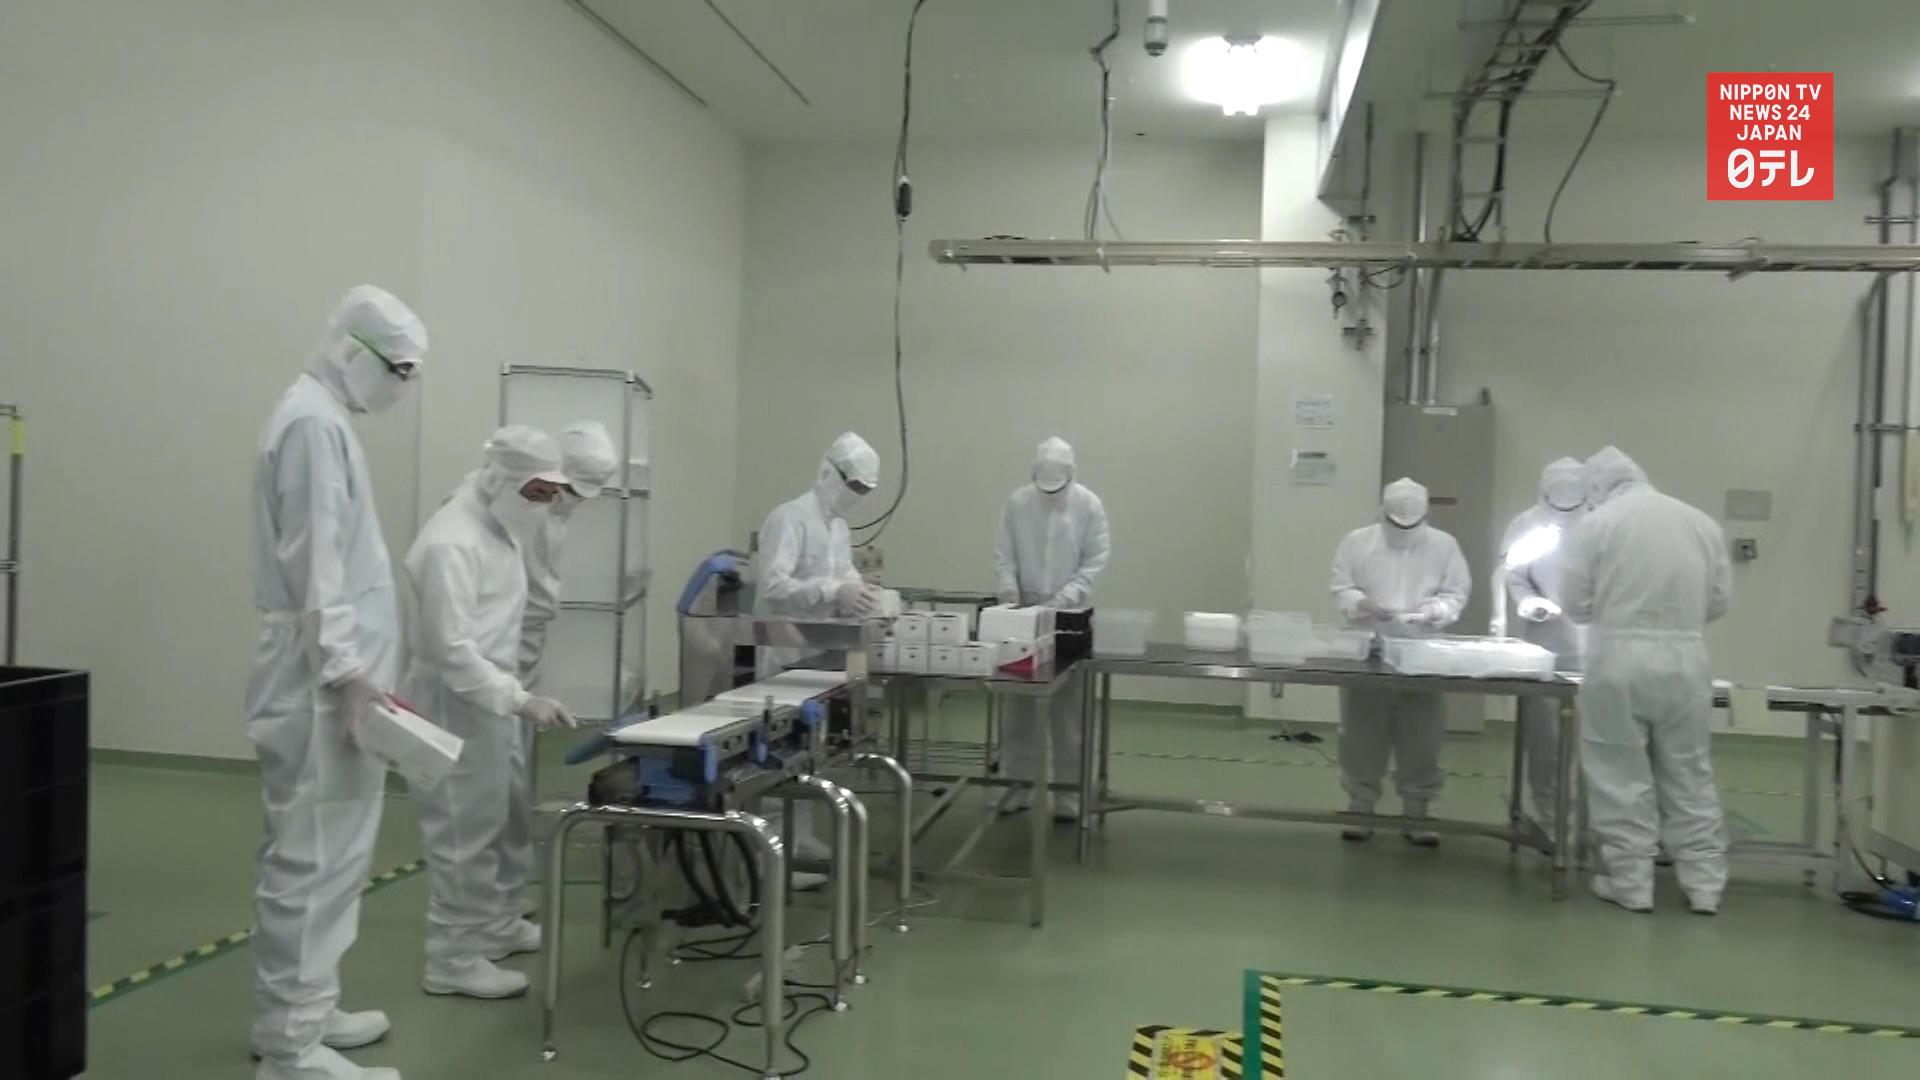 Japanese electronic giant begins shipping masks